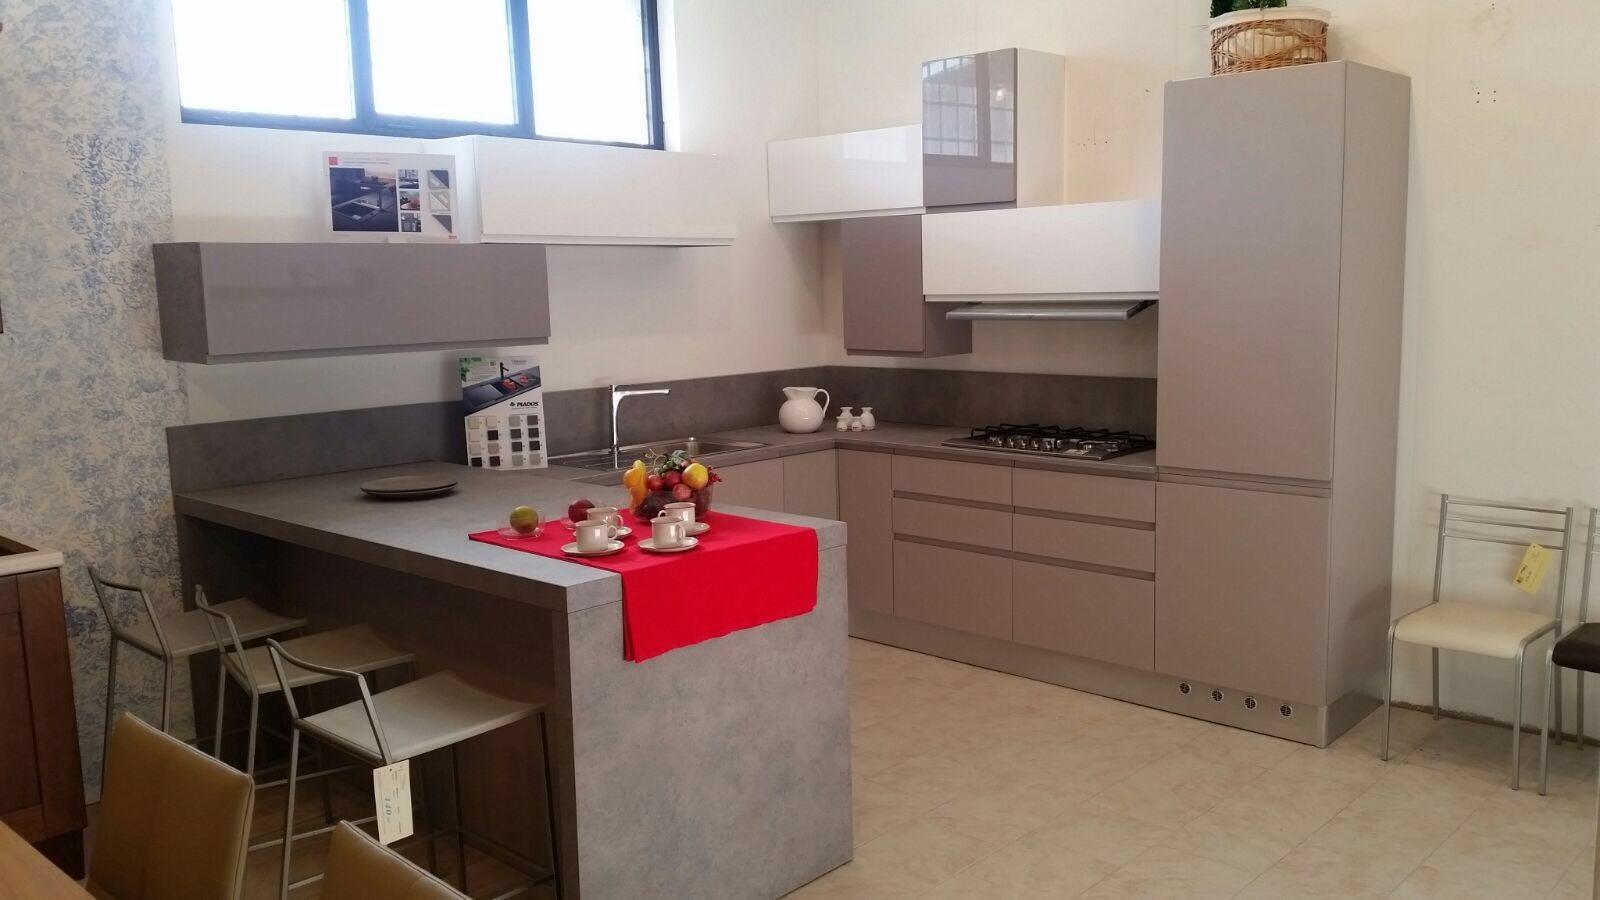 Cucina Astra modello Lina angolare con penisola laccato opaco tortora scuro e bianco lucido ...